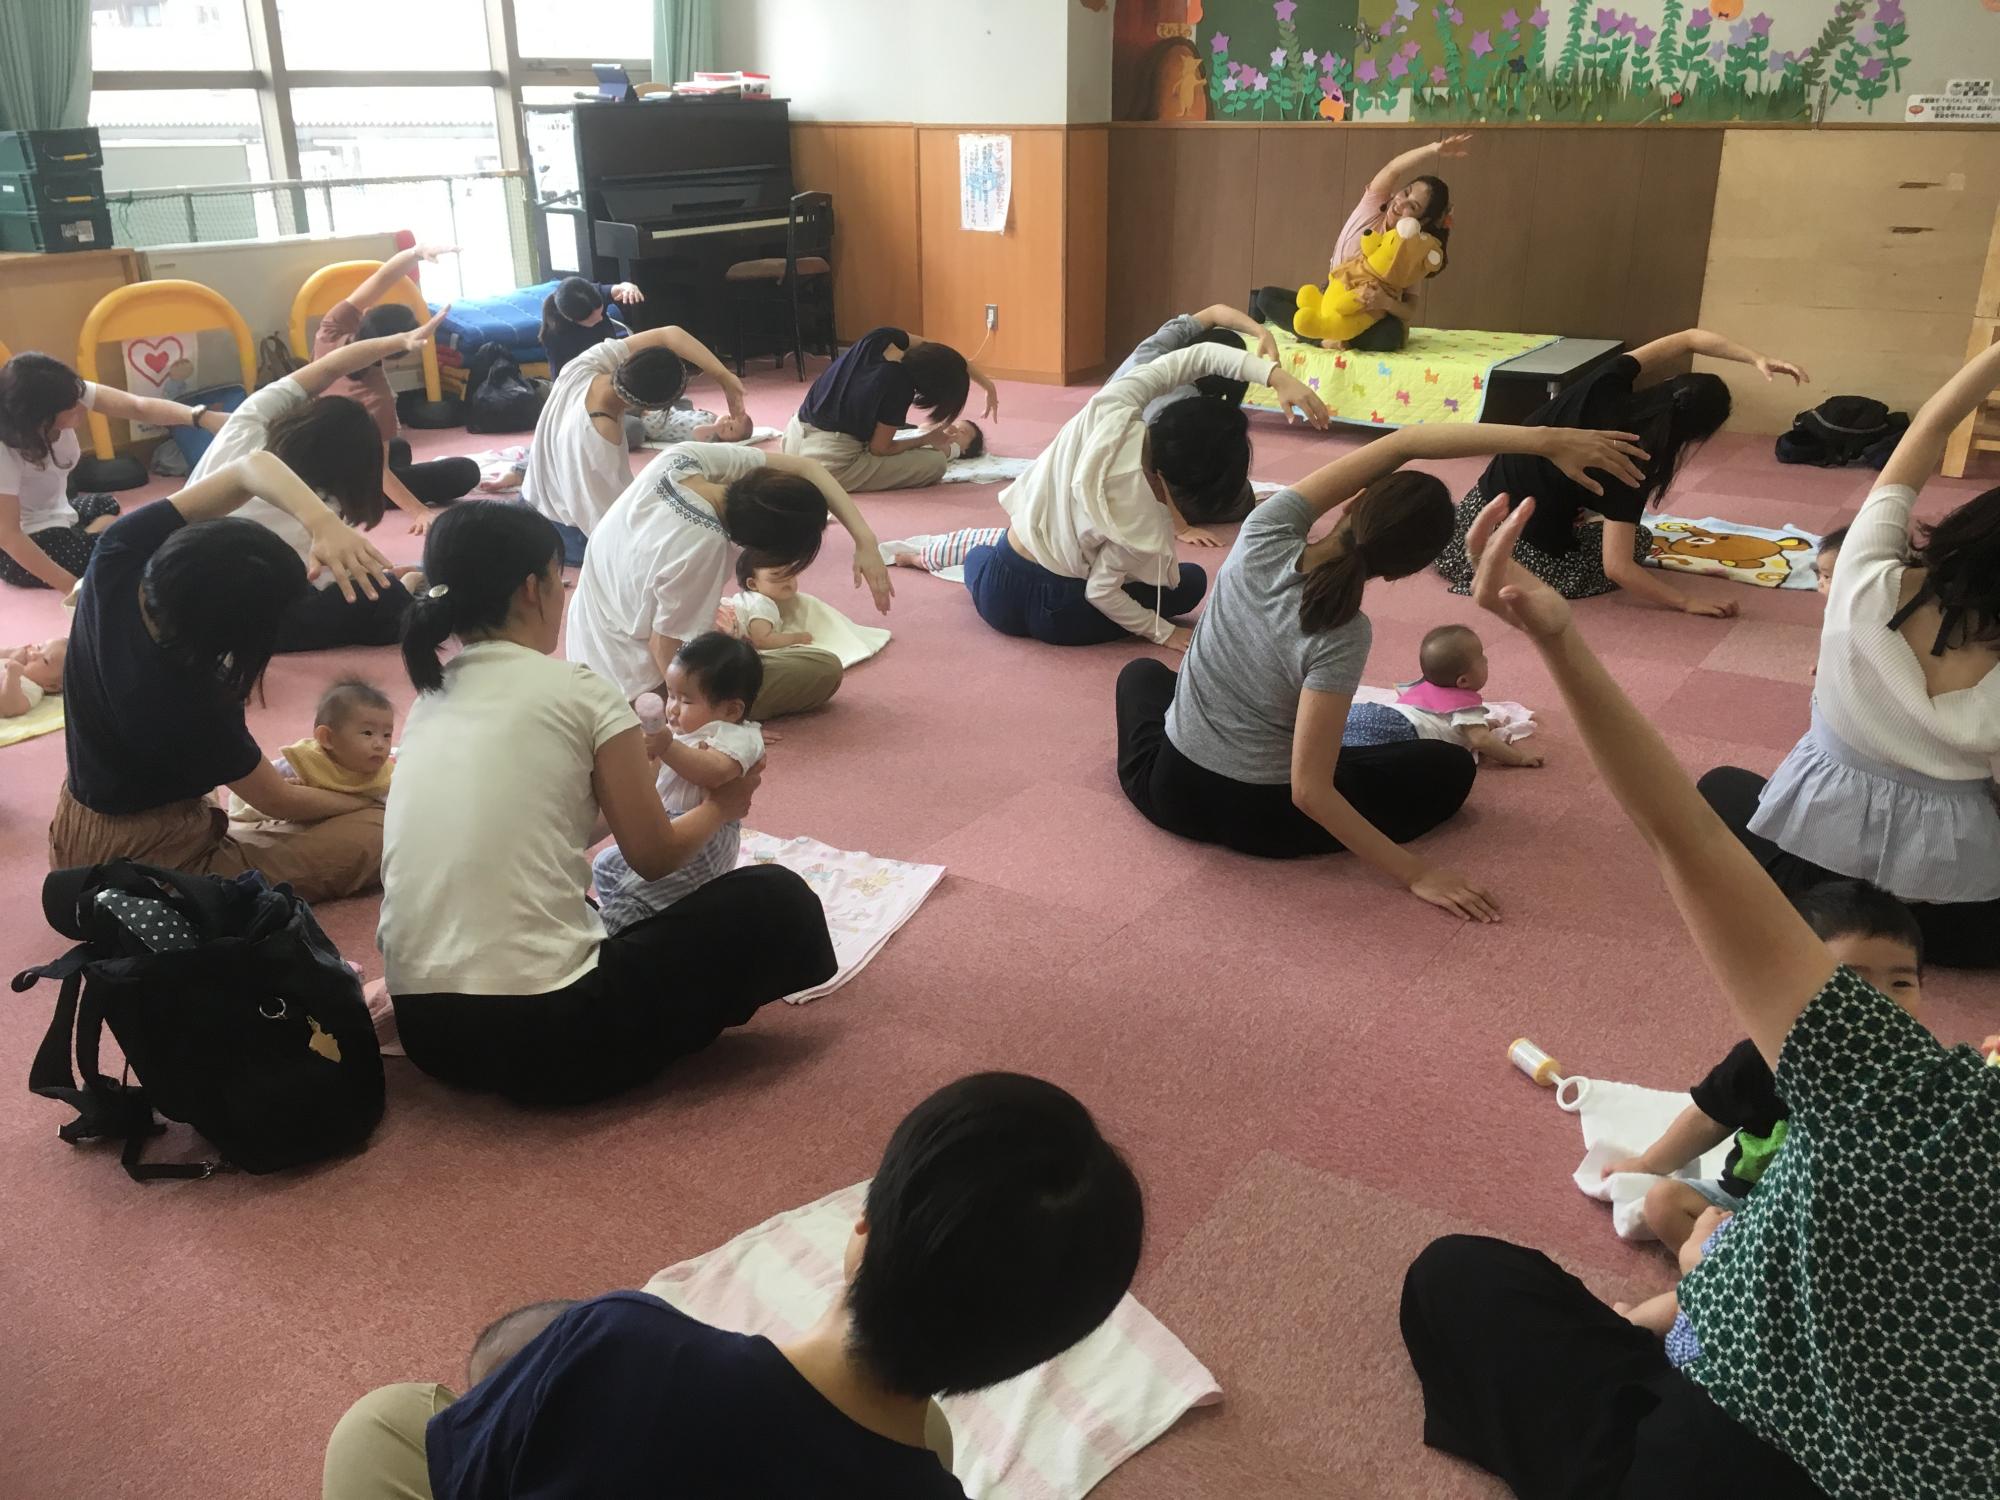 神戸市立六甲道児童館「赤ちゃんとママのふれあいヨガ」